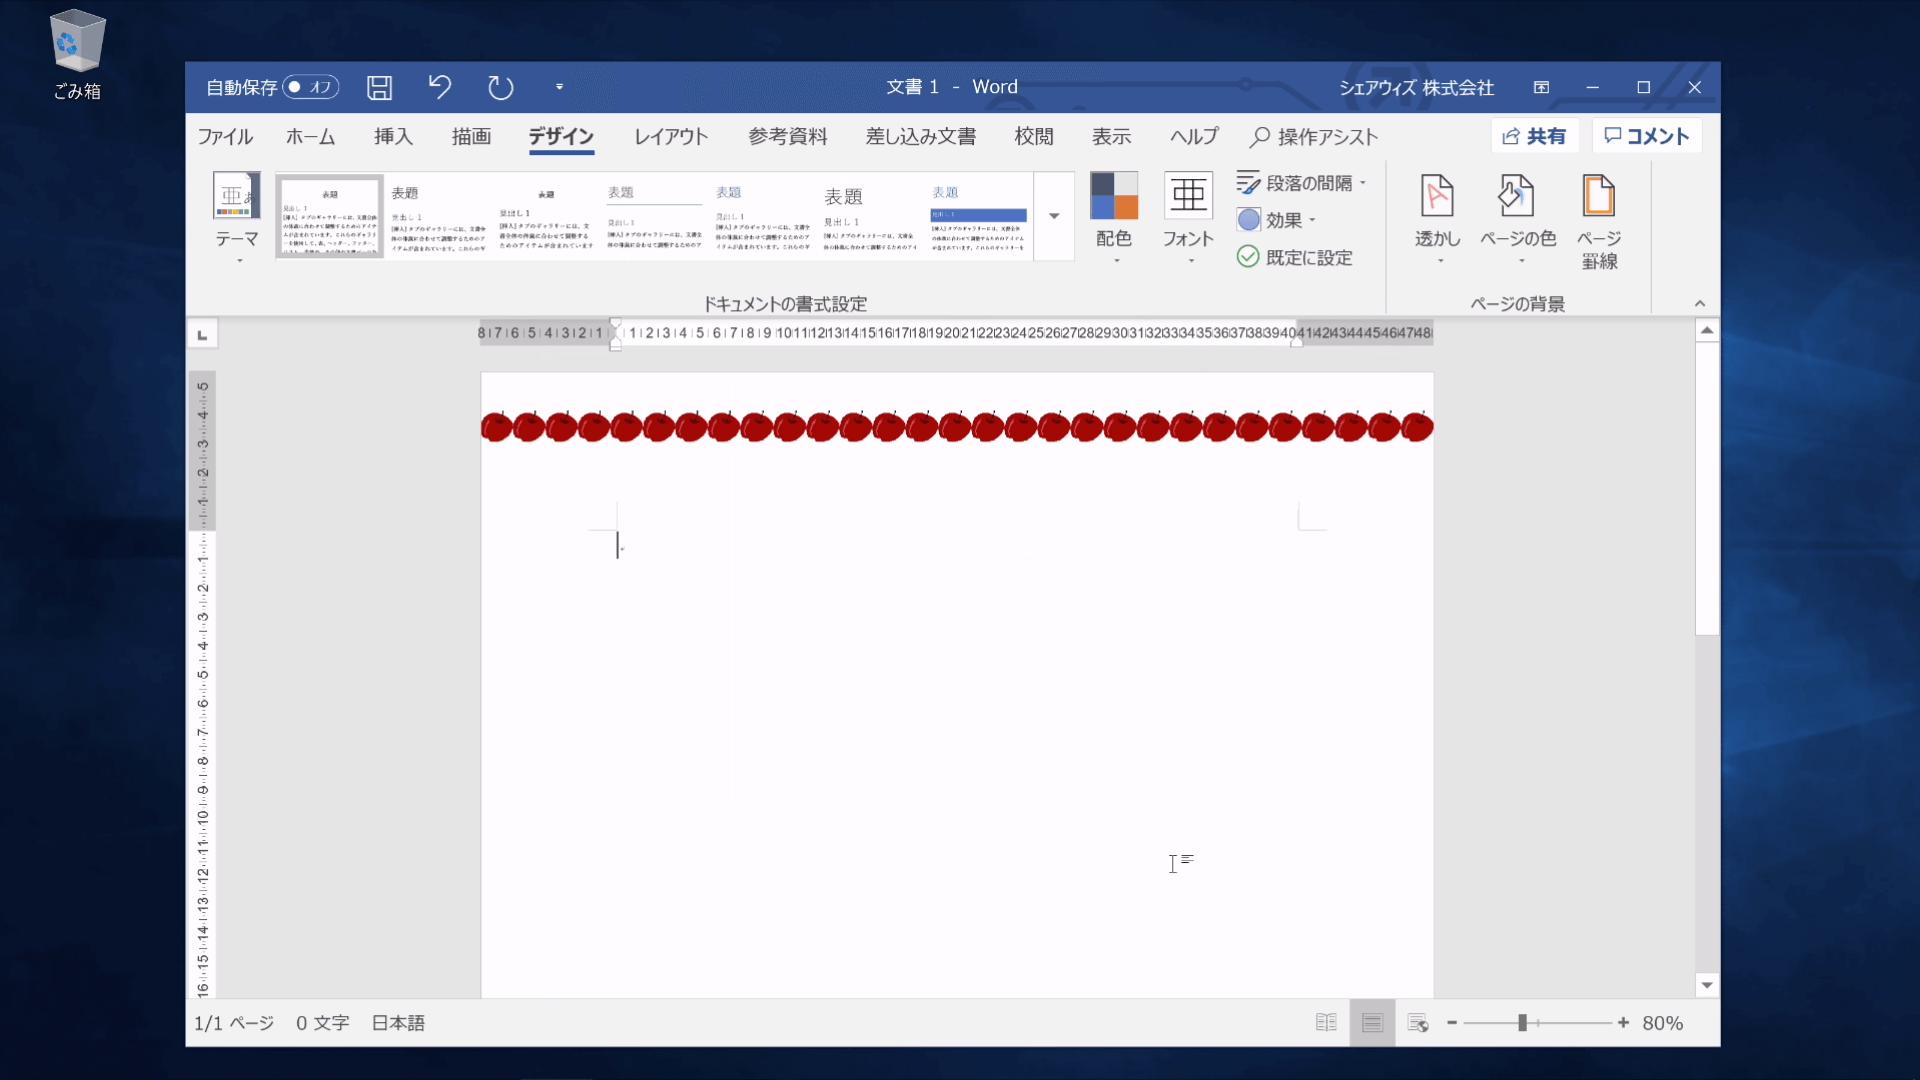 Wordでページの上部だけをイラストで囲んだ完成図